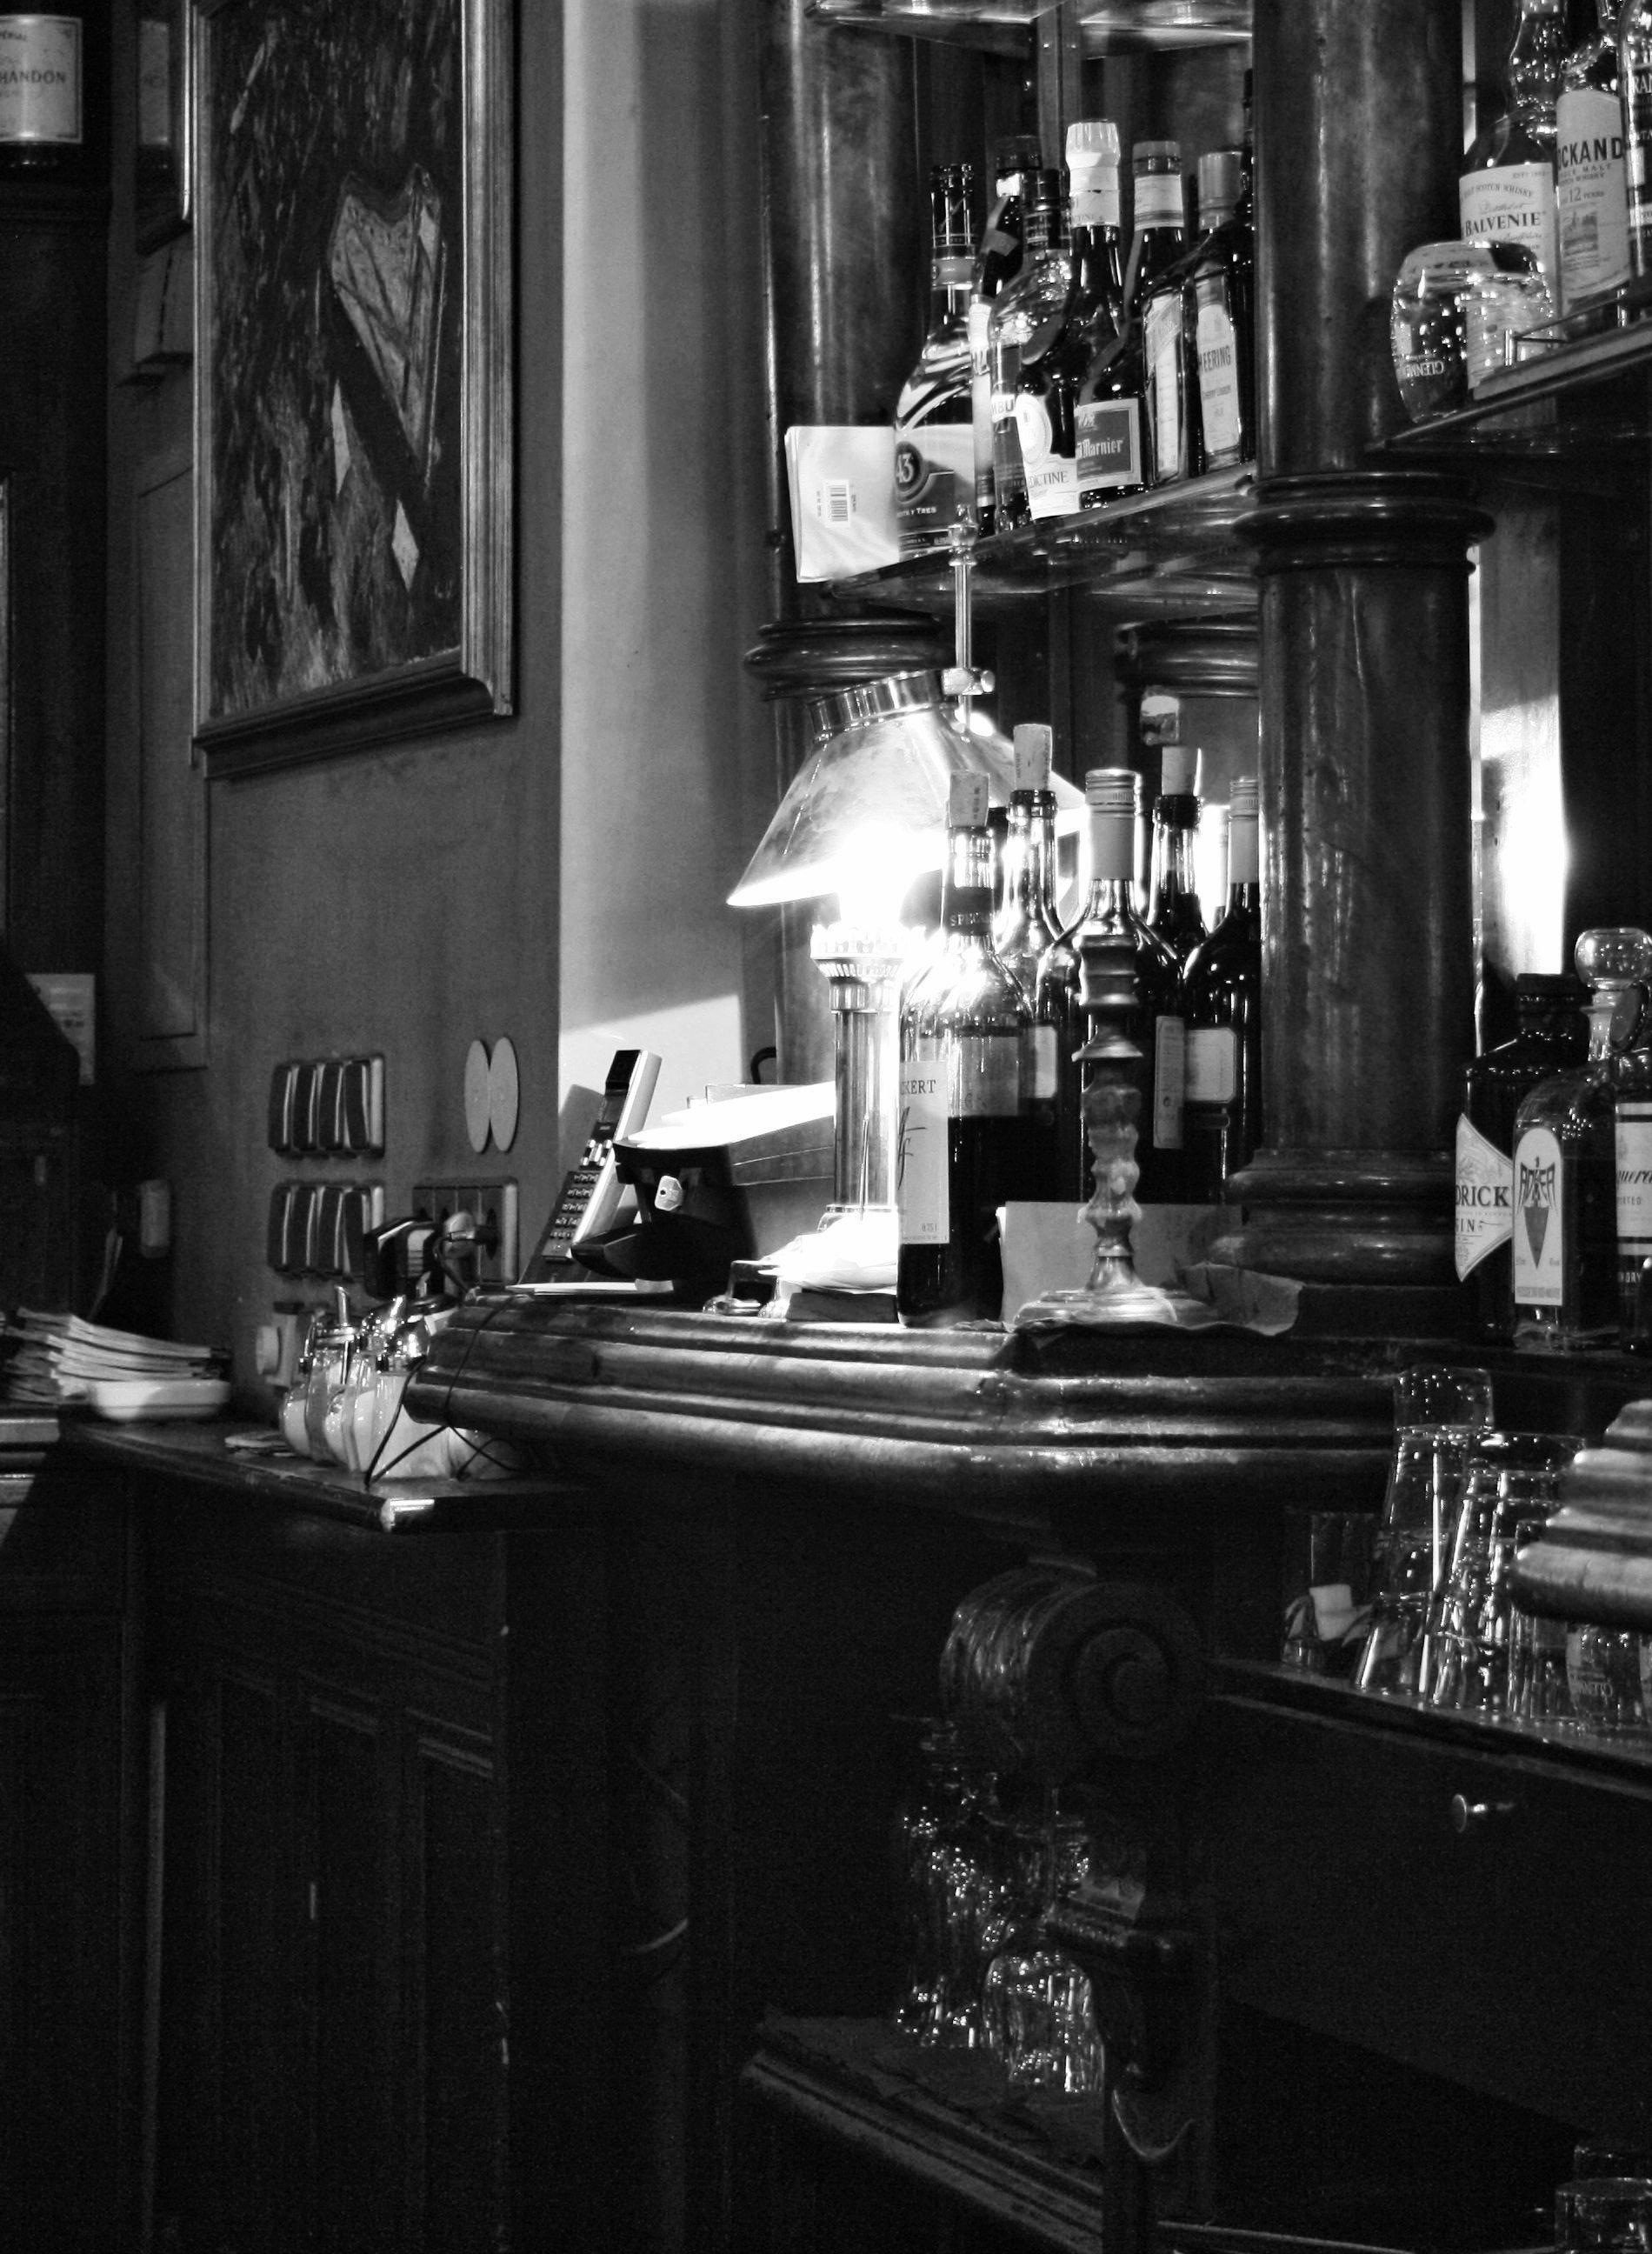 Schön Barkeeper Setzen Spezielle Fähigkeiten Fort Galerie - Beispiel ...